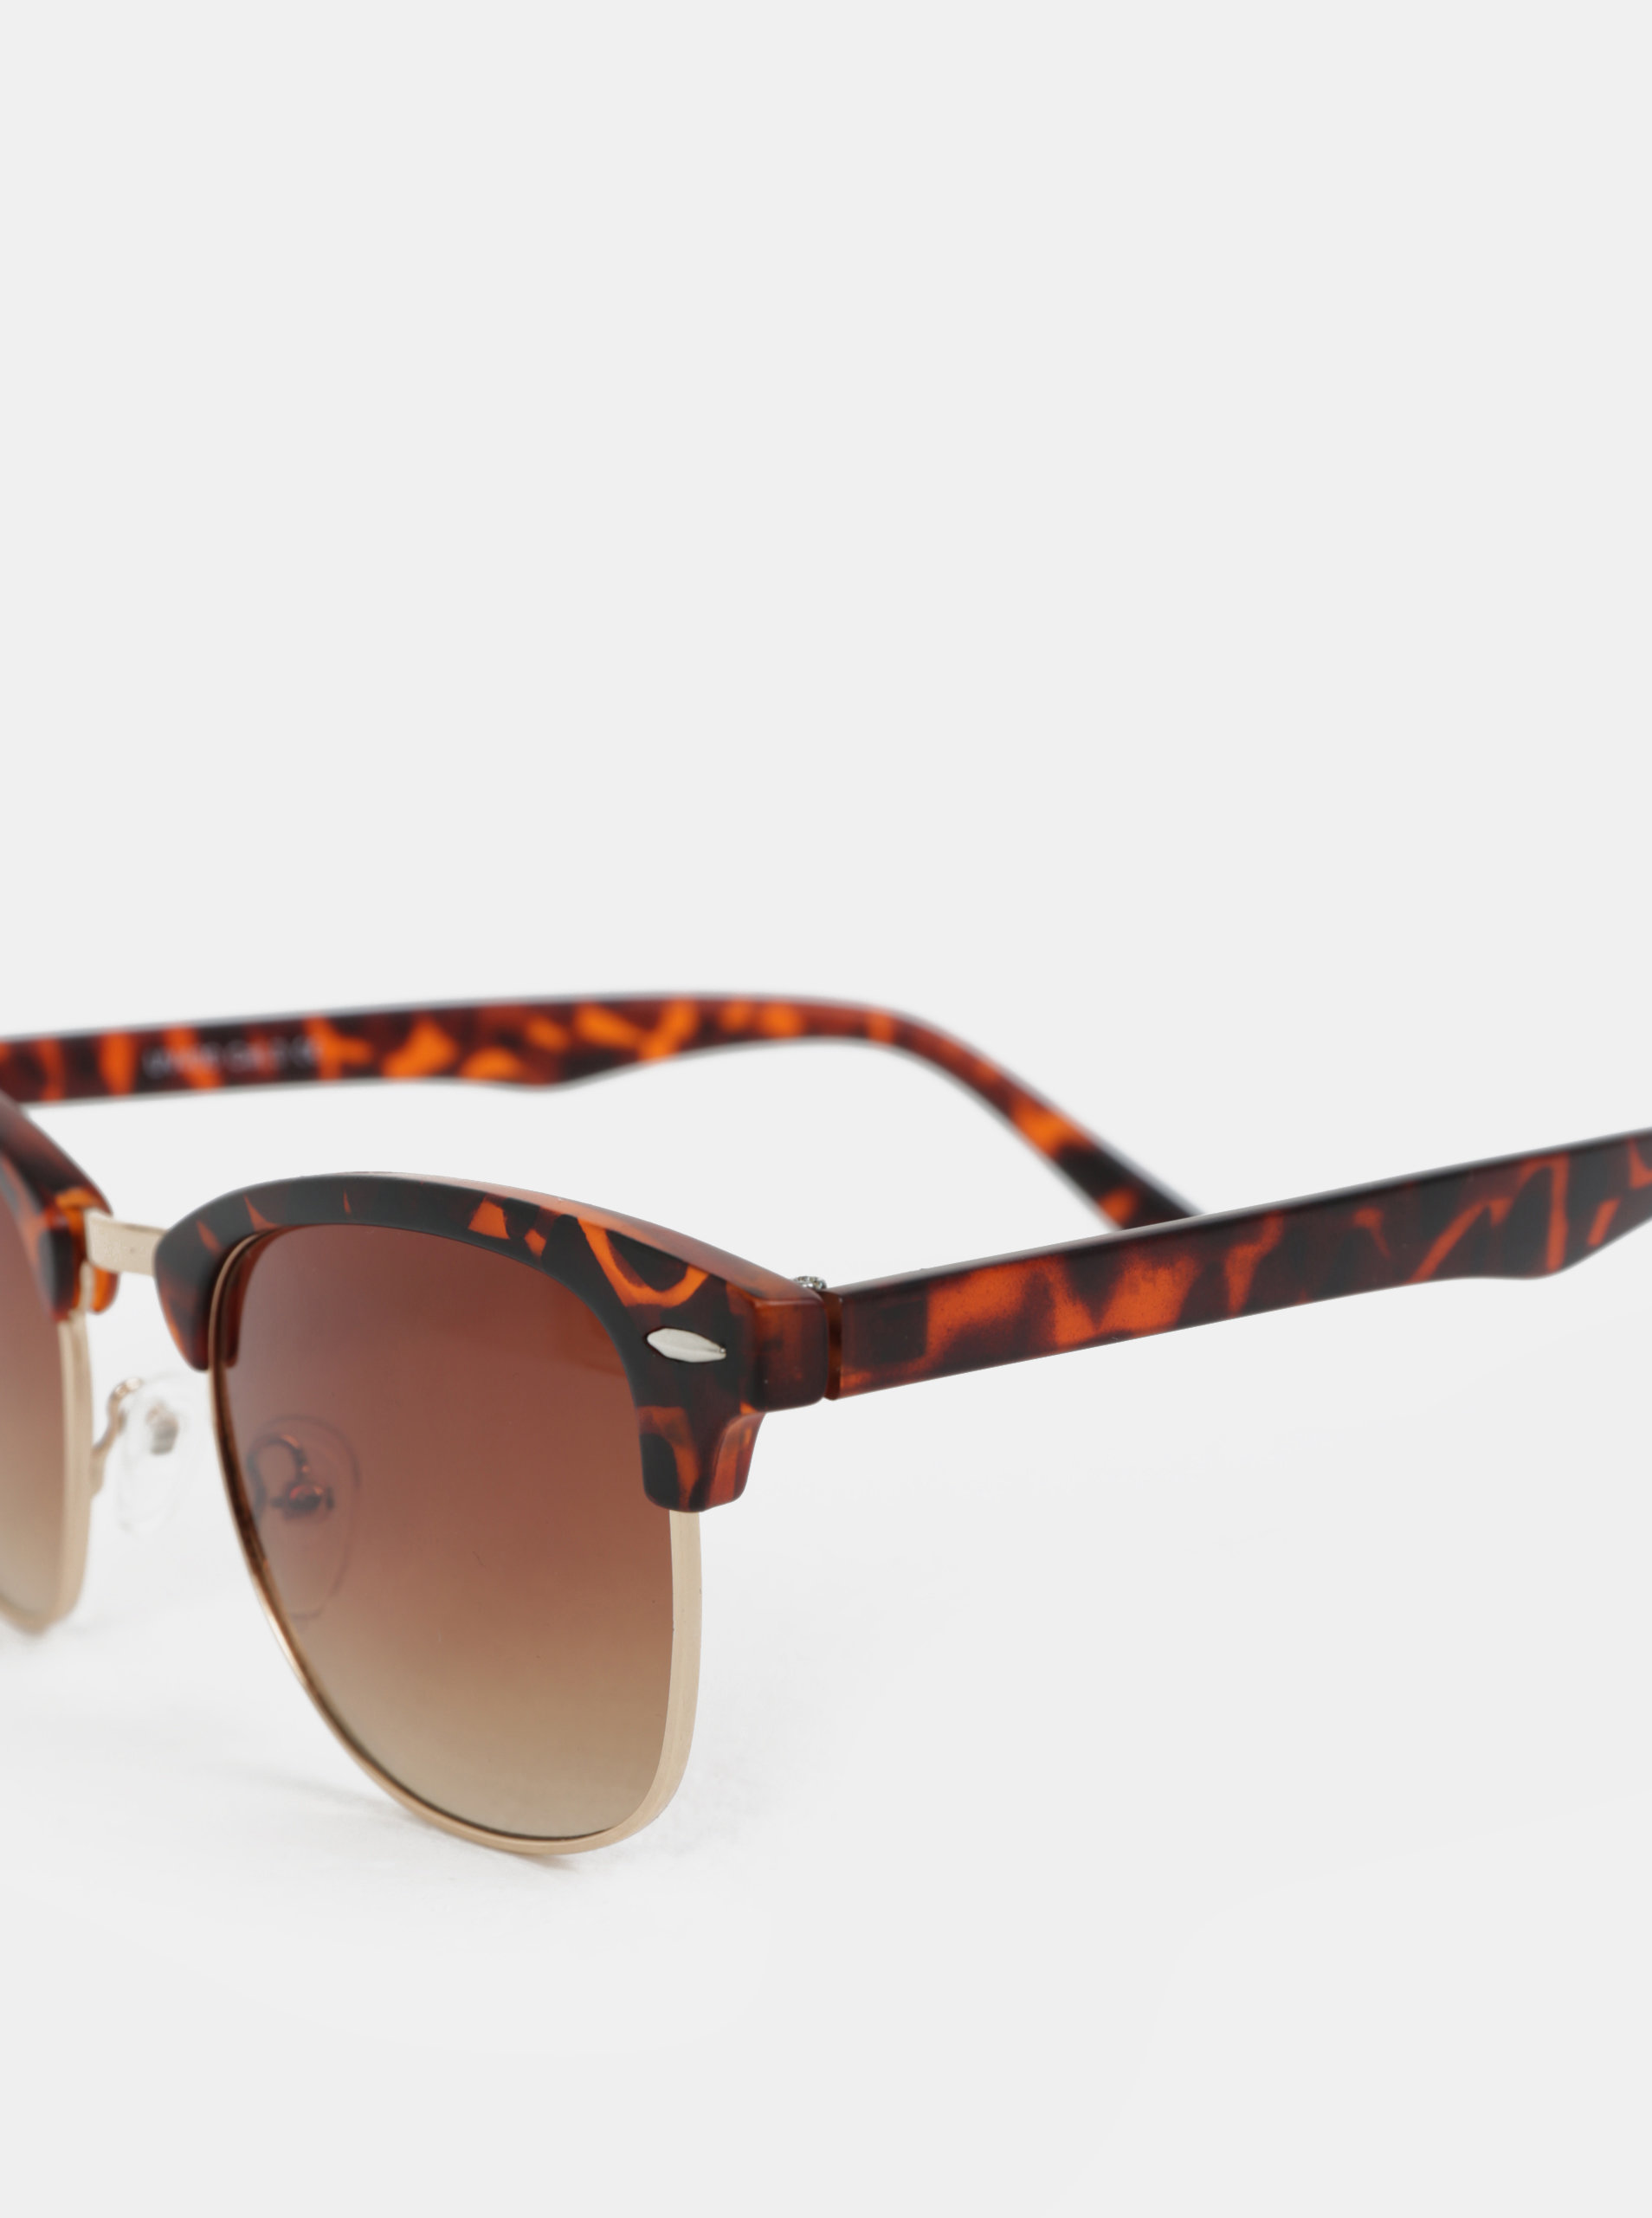 Hnedé slnečné okuliare s rámom v zlatej farbe ONLY   SONS Display ... da1232d0209